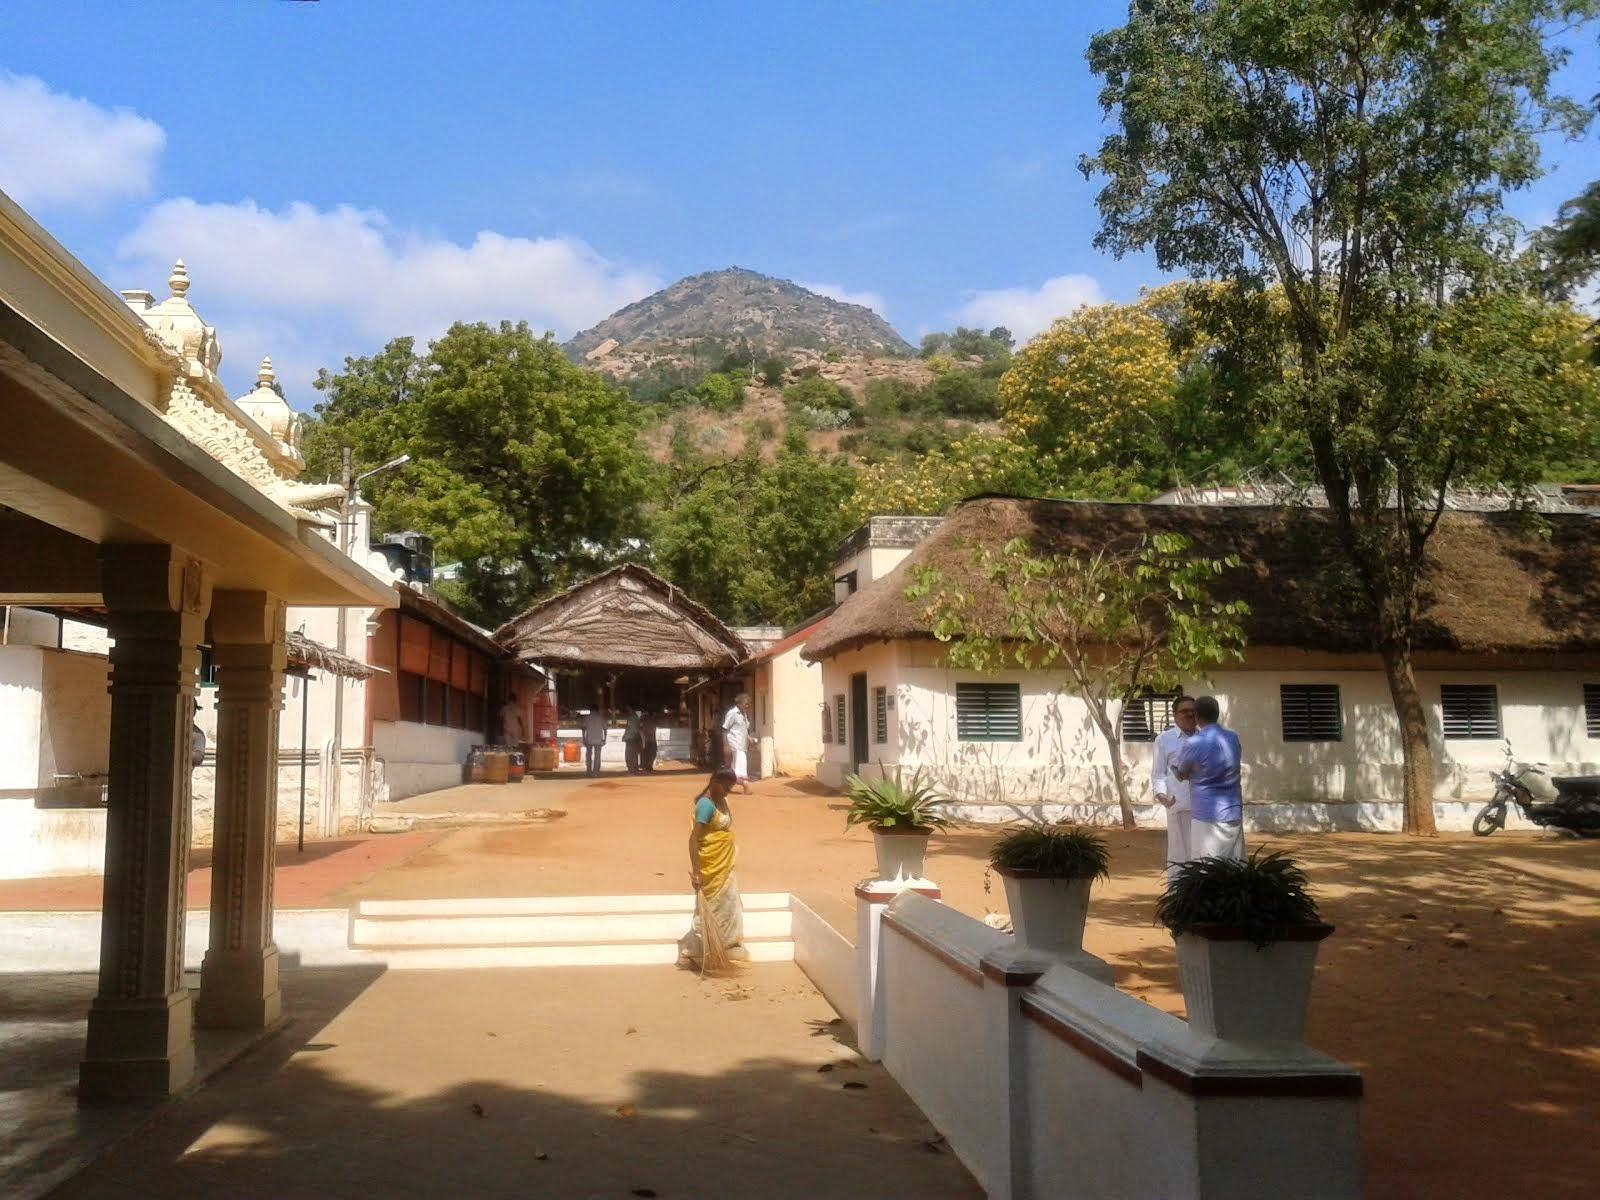 Arunachala-Ramanashram-Tiruvannamalai